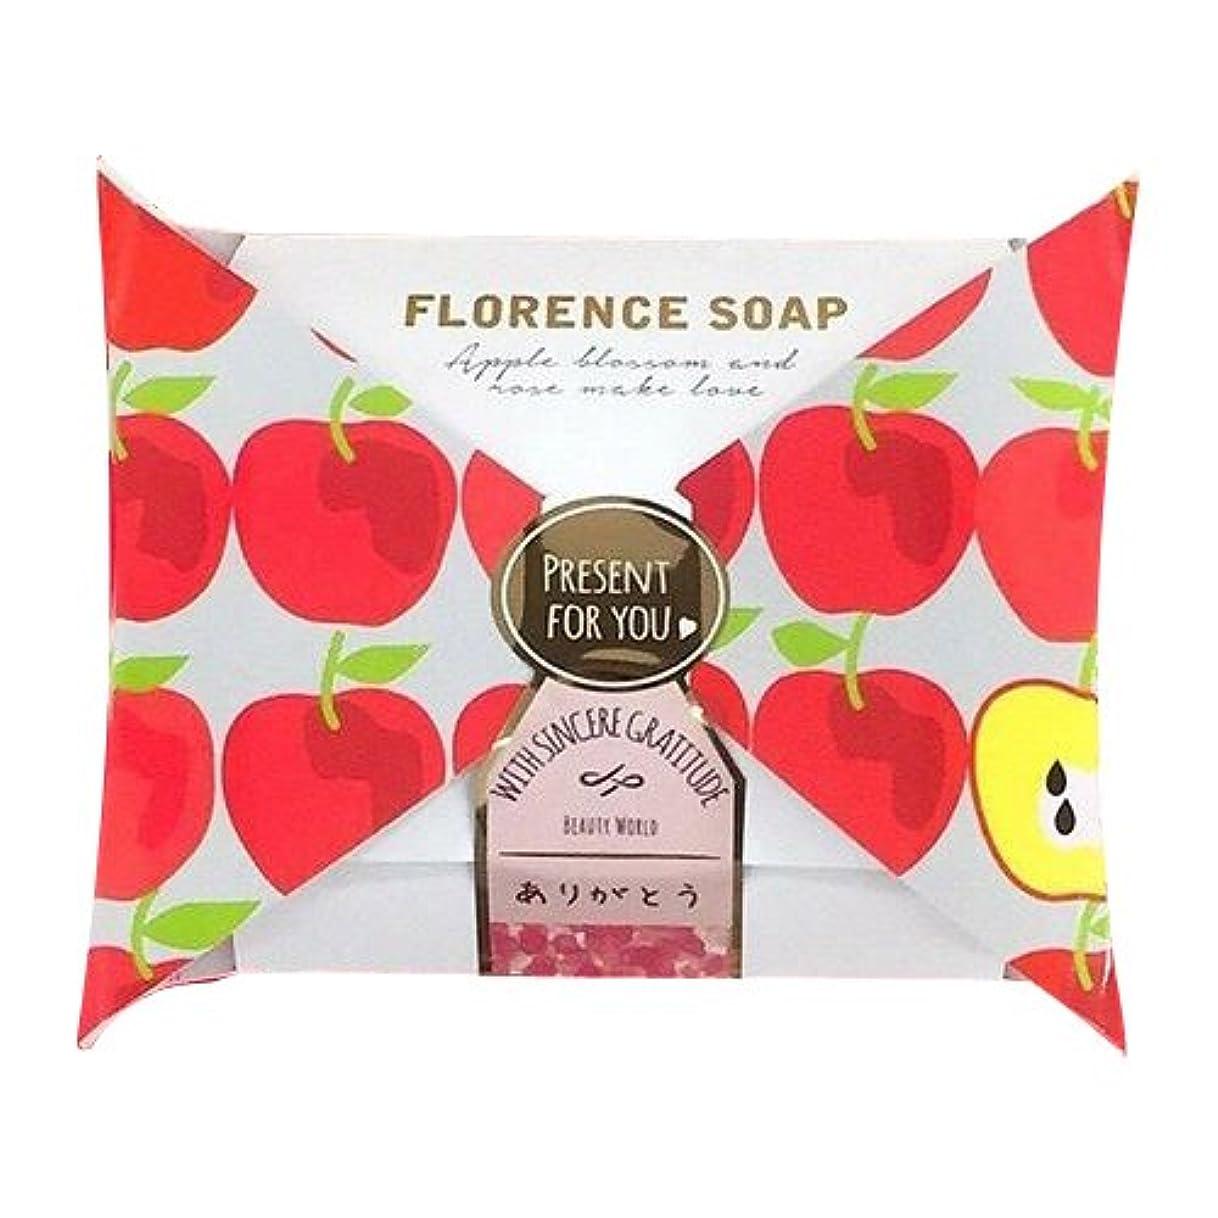 続編助言神経衰弱BW フローレンスの香り石けん リボンパッケージ FSP384 アップルの花とローズの恋 (35g)